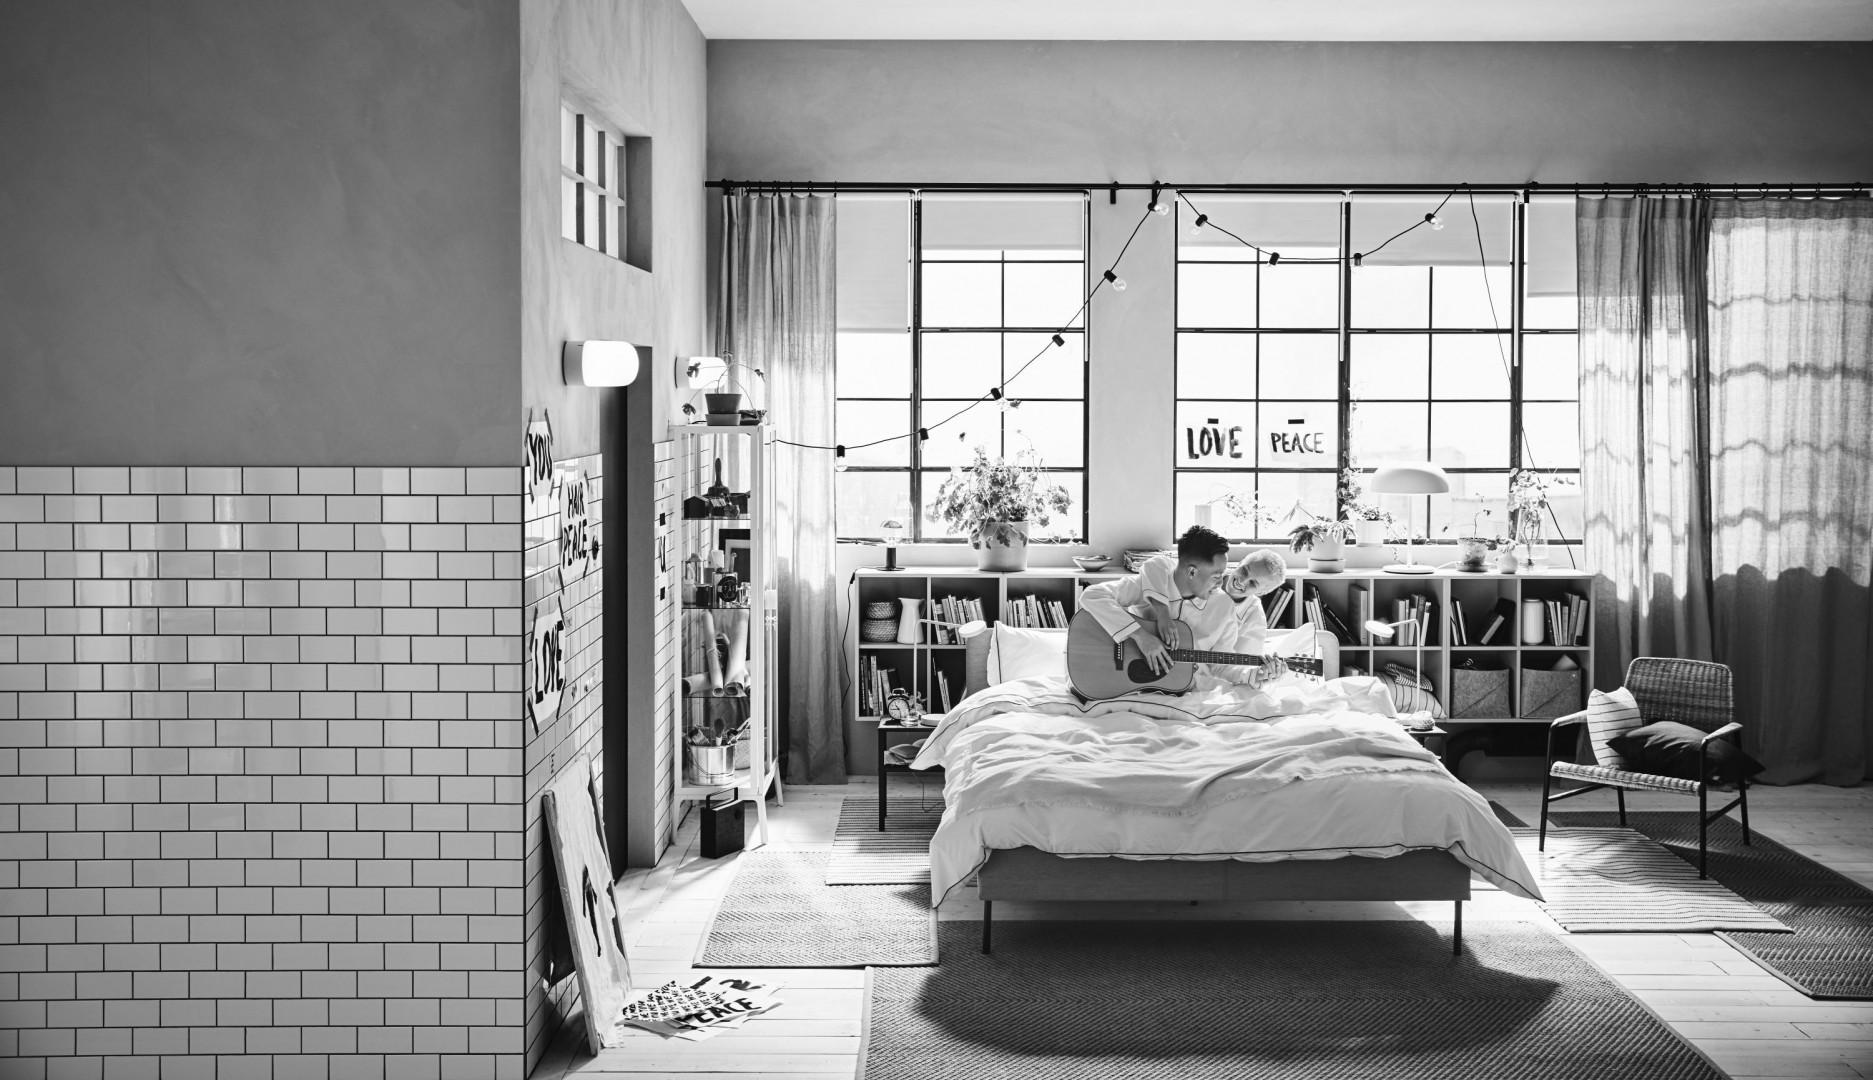 Łóżko z tapicerowanym zagłówkiem Slattum firmy IKEA. Fot. IKEA